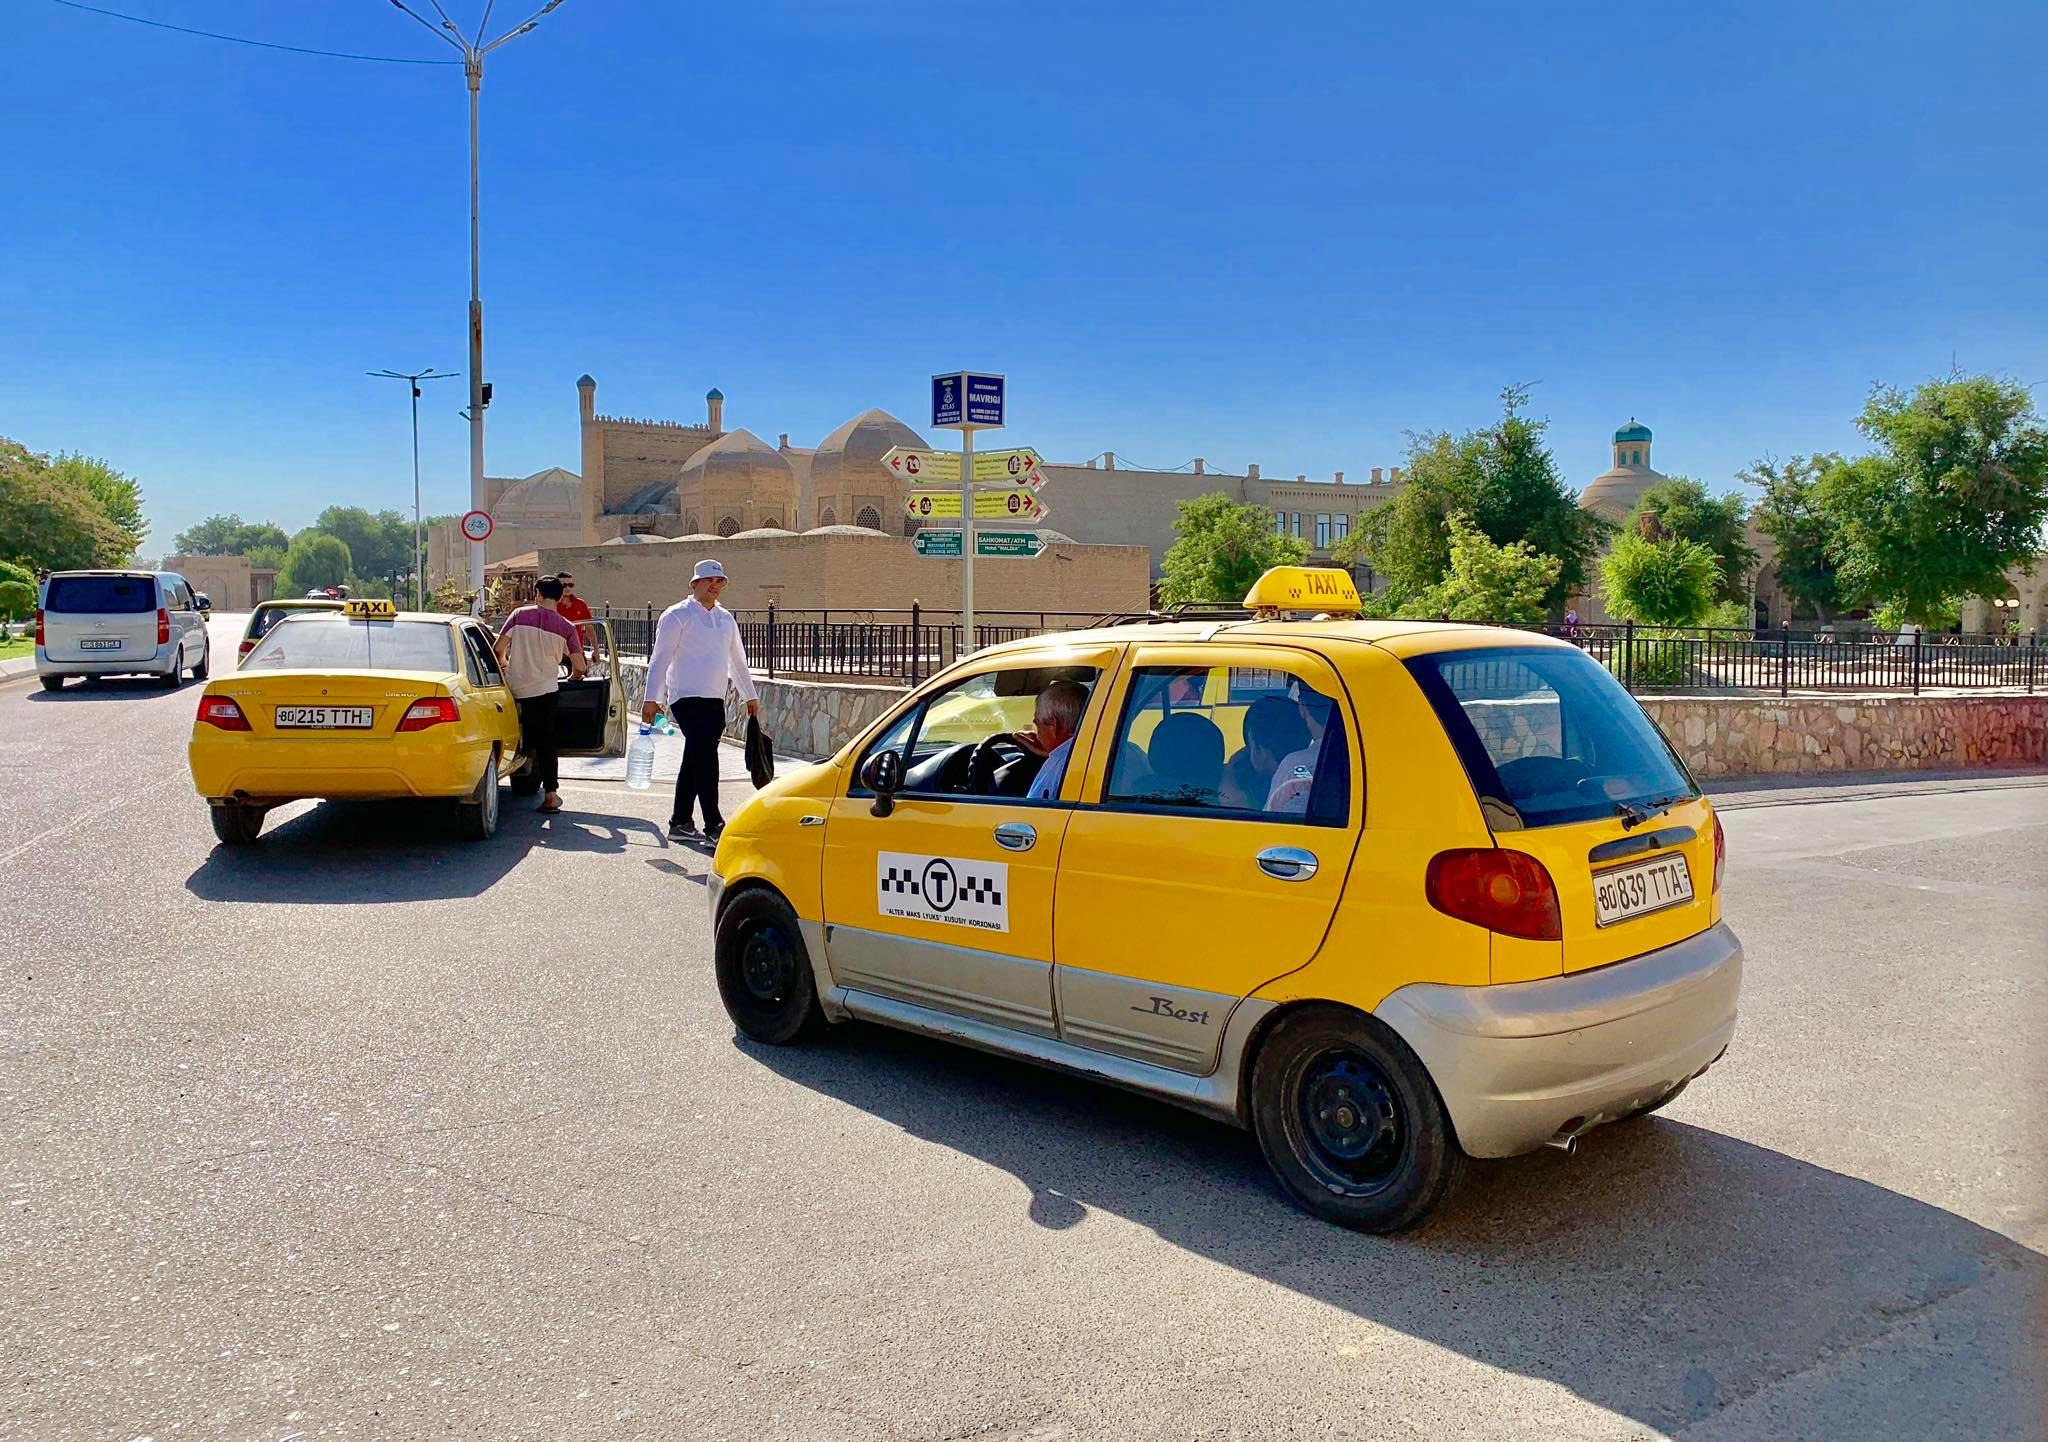 Kach Solo Travels in 2019 Last stop in Uzbekistan1.jpg